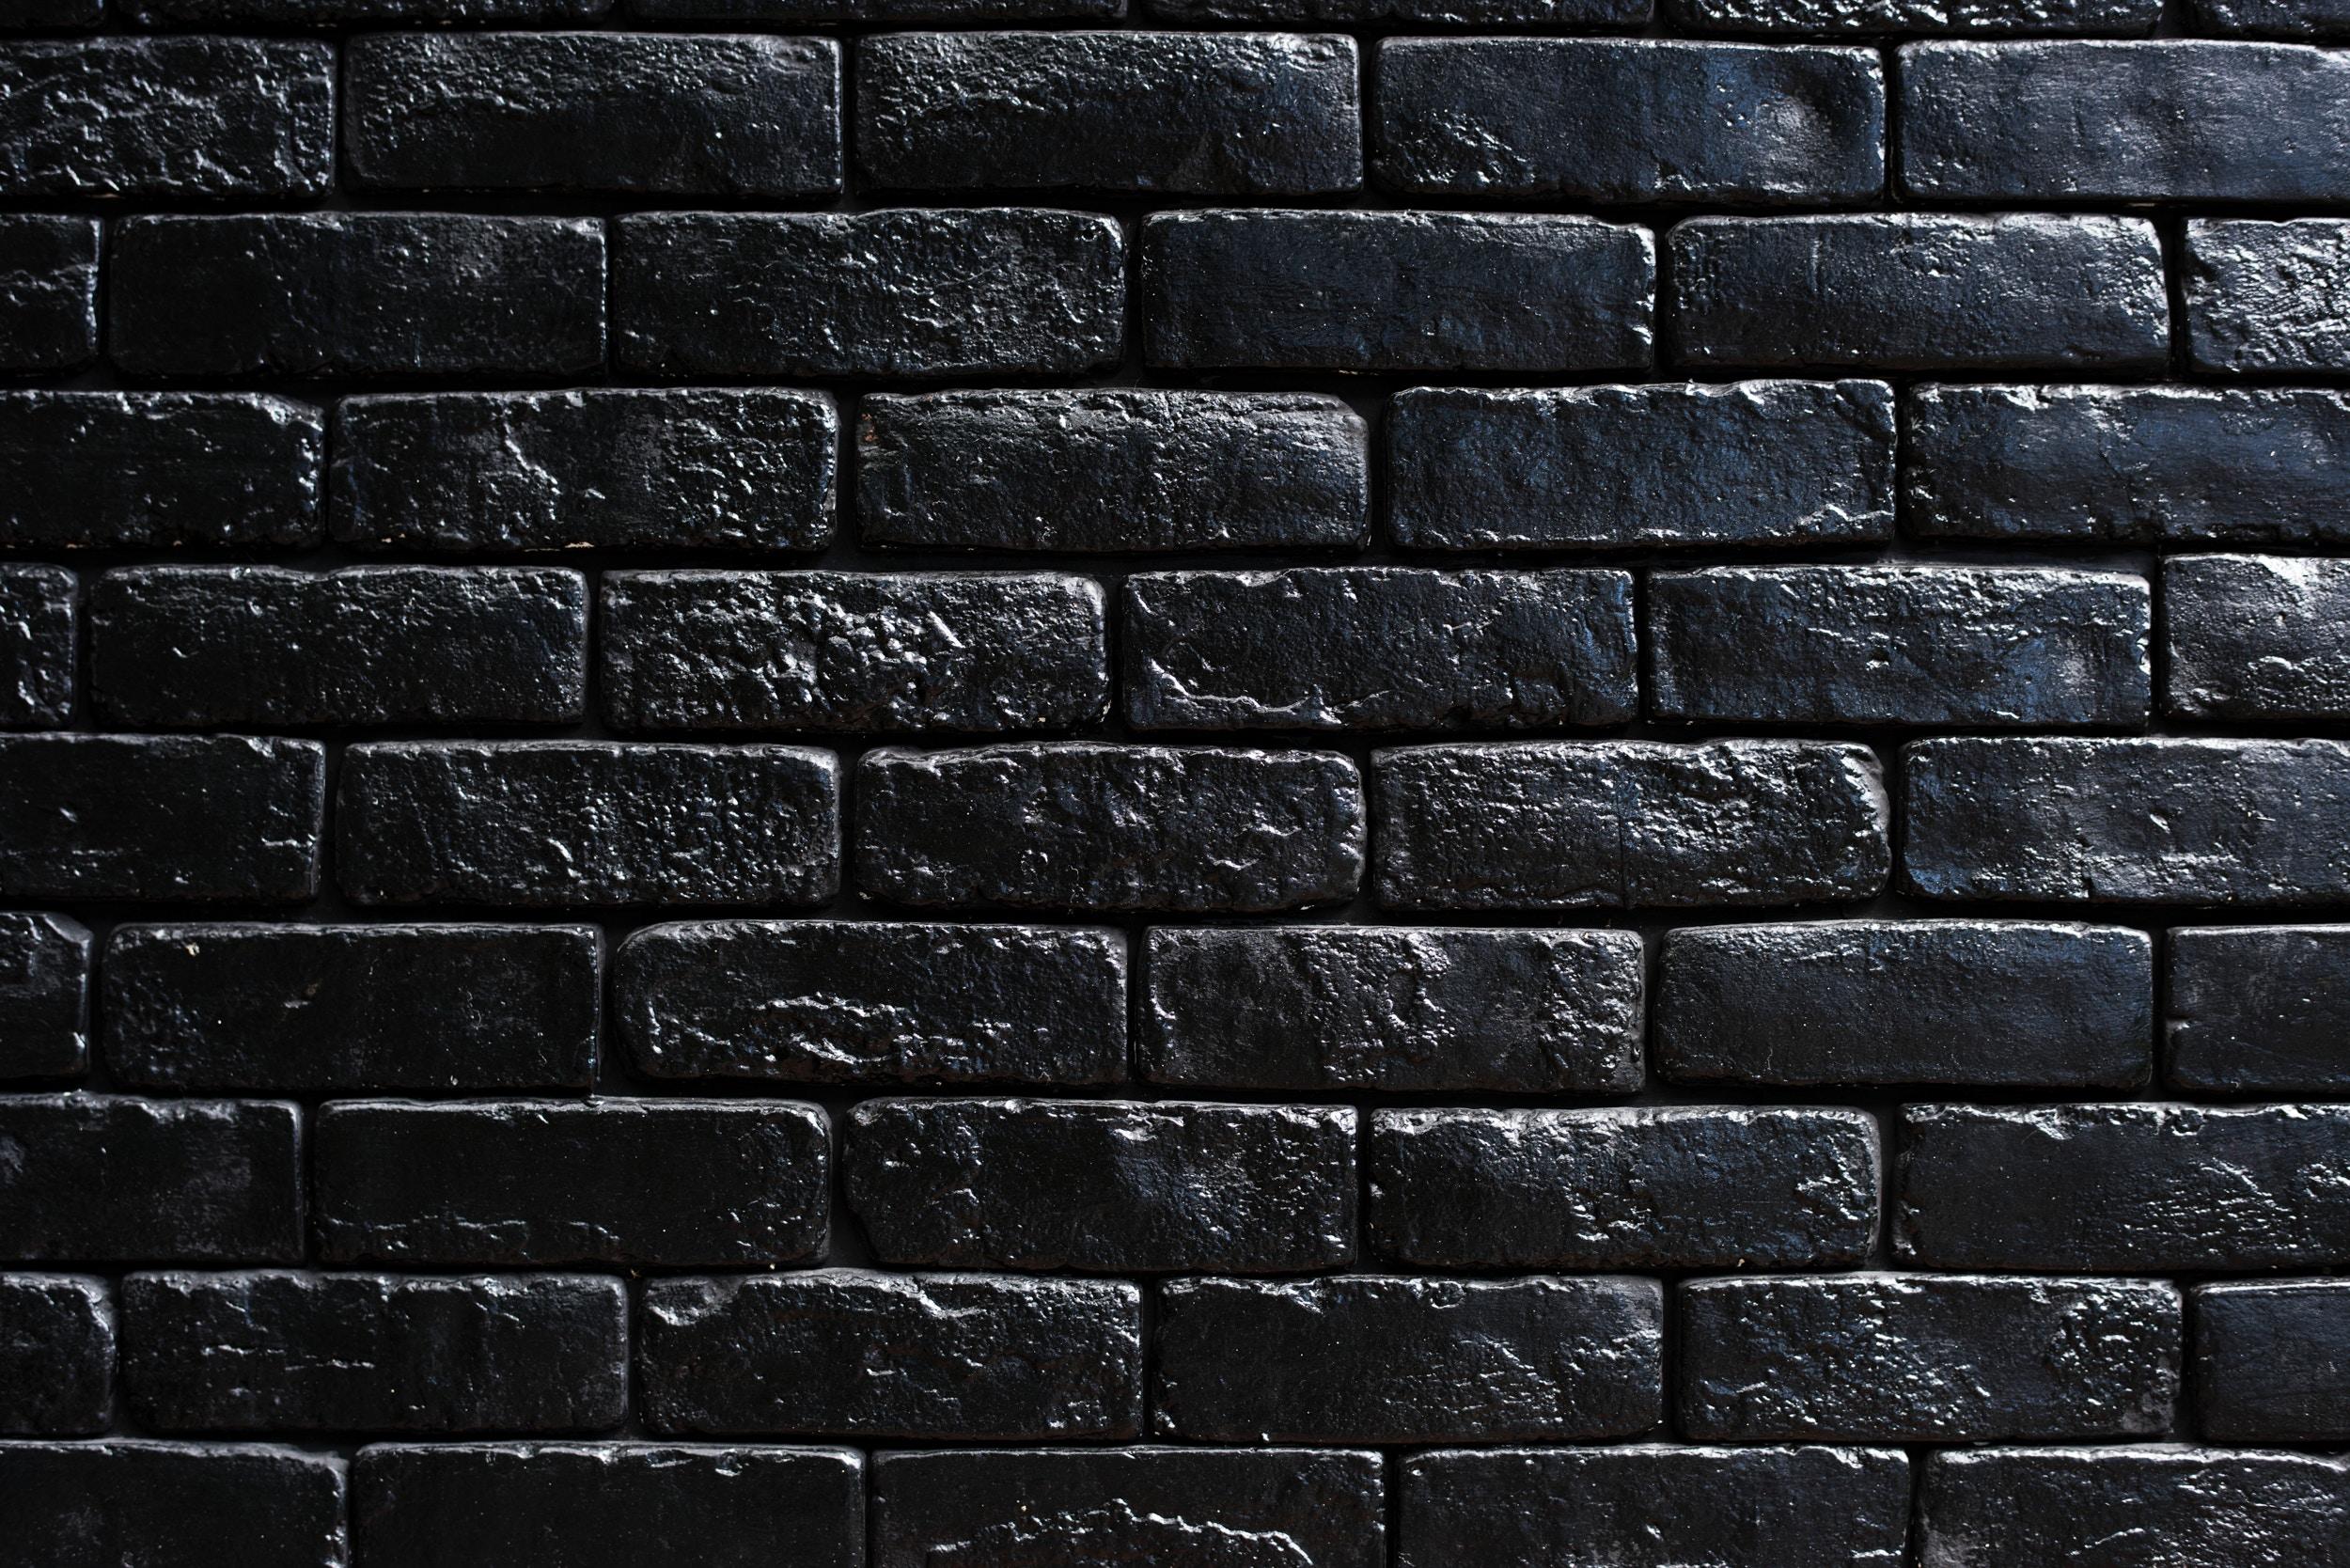 Peindre Un Mur De Brique fond d'écran : mur, briques, noir, peindre 2500x1668